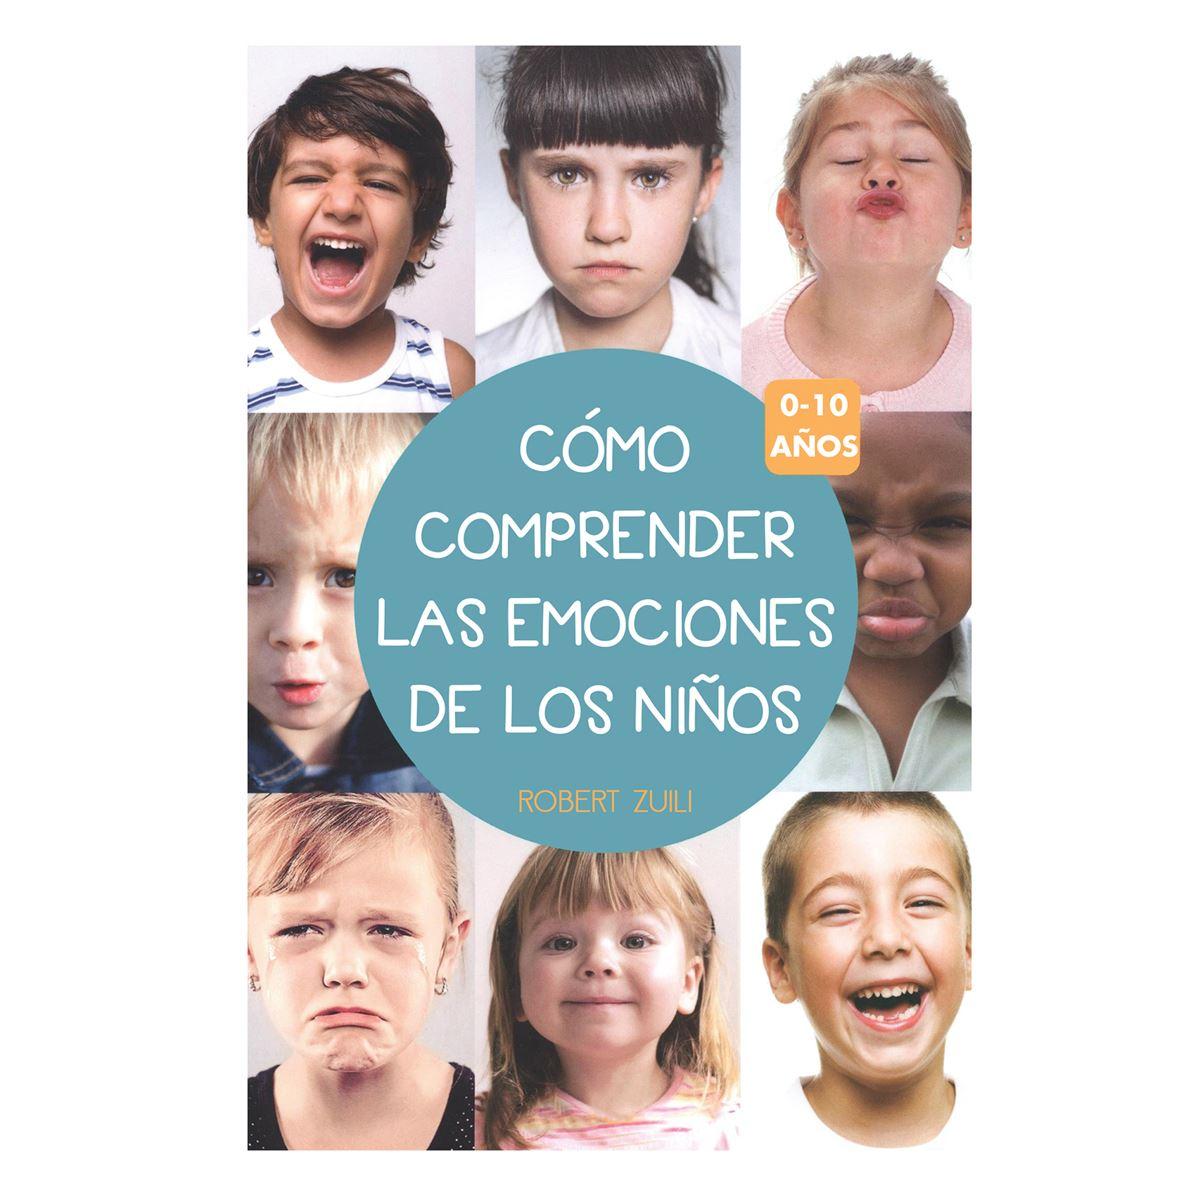 Cómo comprender las emociones de los niños Libro - Sanborns